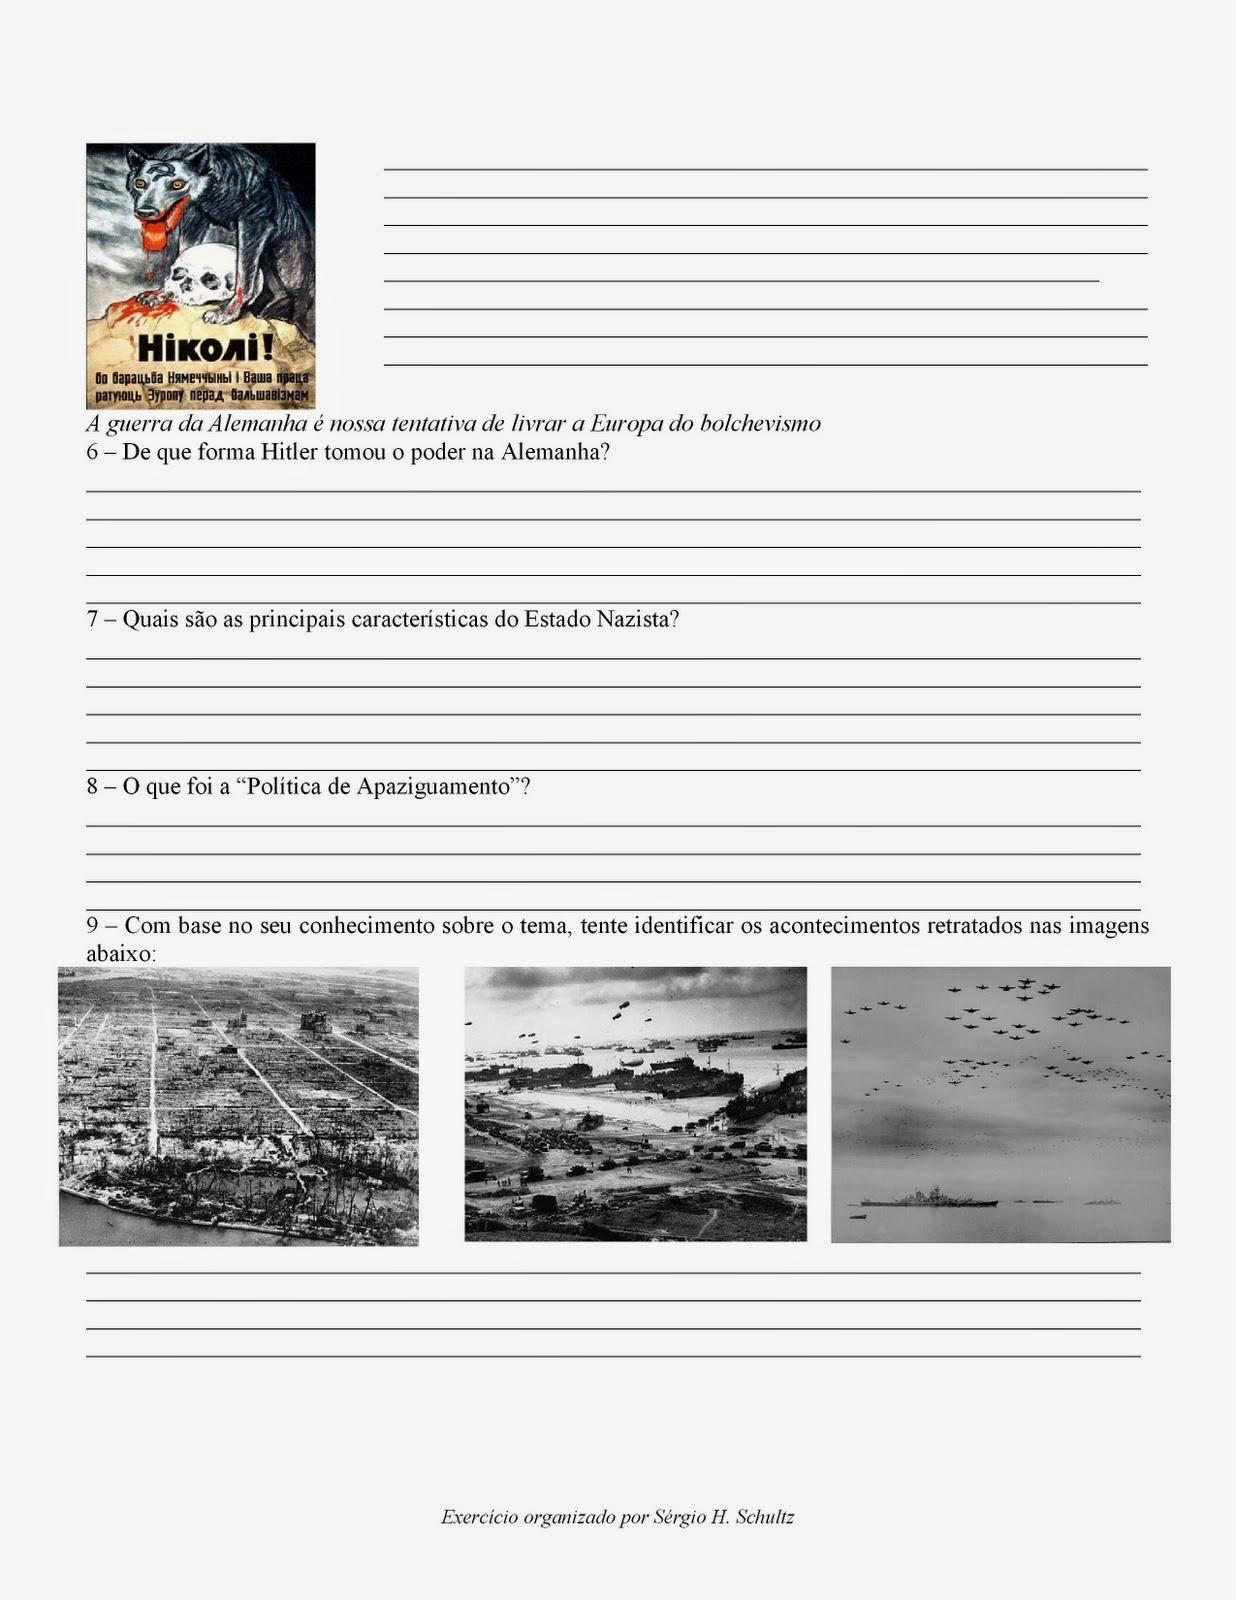 História 9 ano 2 Guerra Mundial